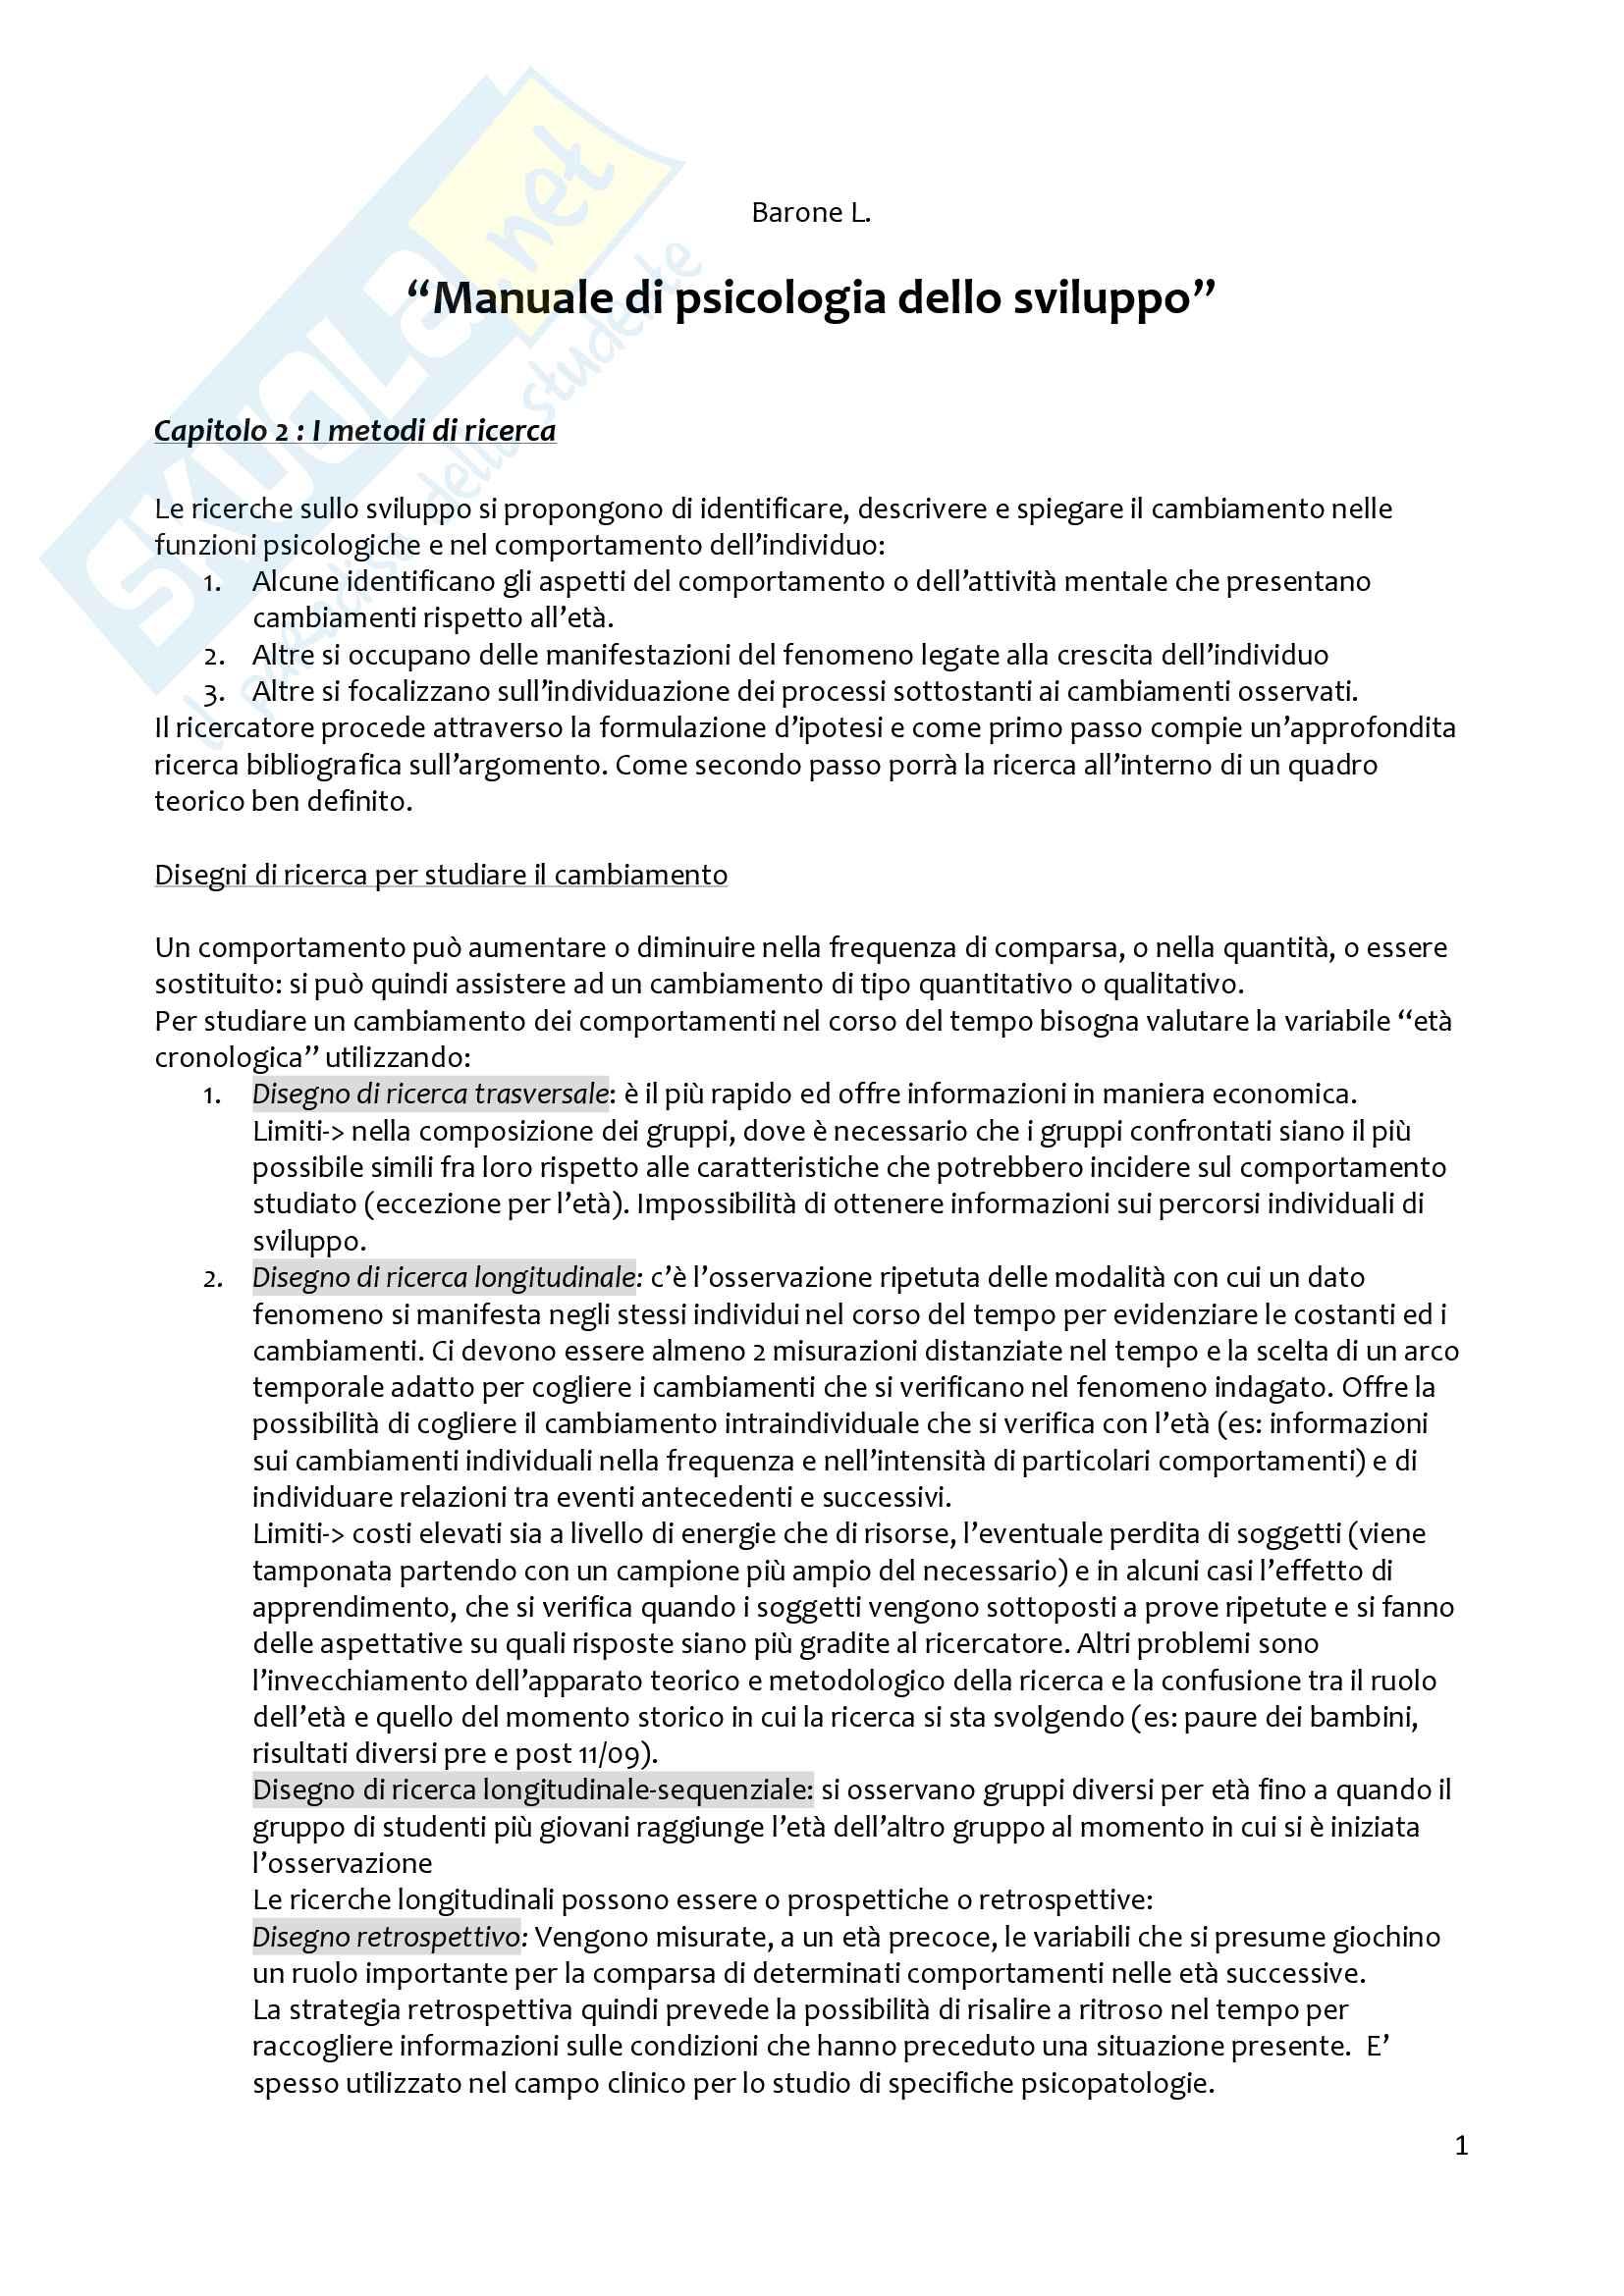 Riassunto esame Psicologia dello sviluppo, prof. Raccanello, libro consigliato Manuale di Psicologia dello Sviluppo, Barone L. (2009)